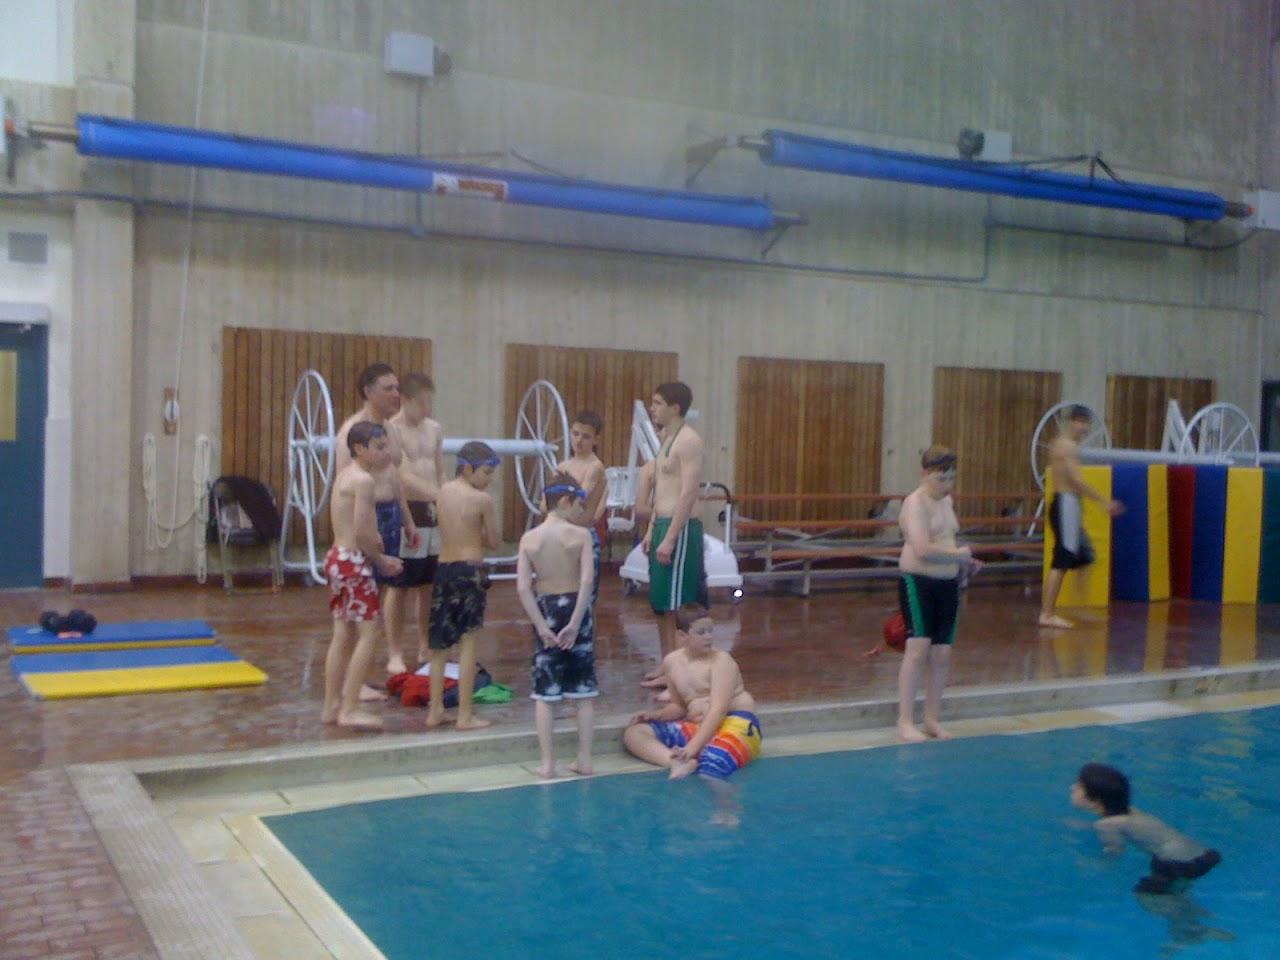 2011 Swim Test - IMG_0330%5B1%5D.JPG